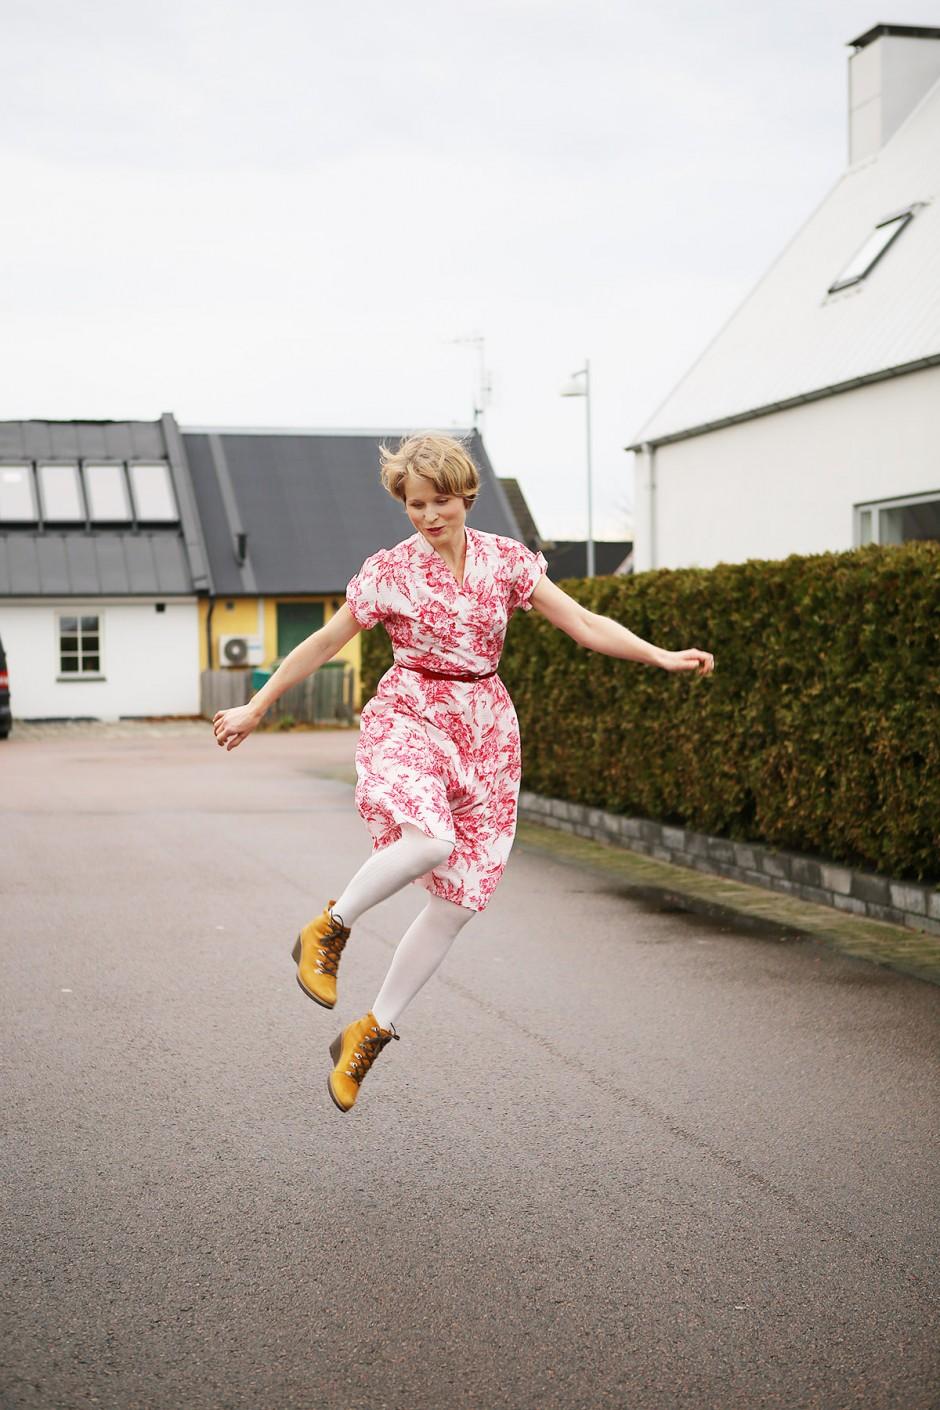 jenny hoppar högt